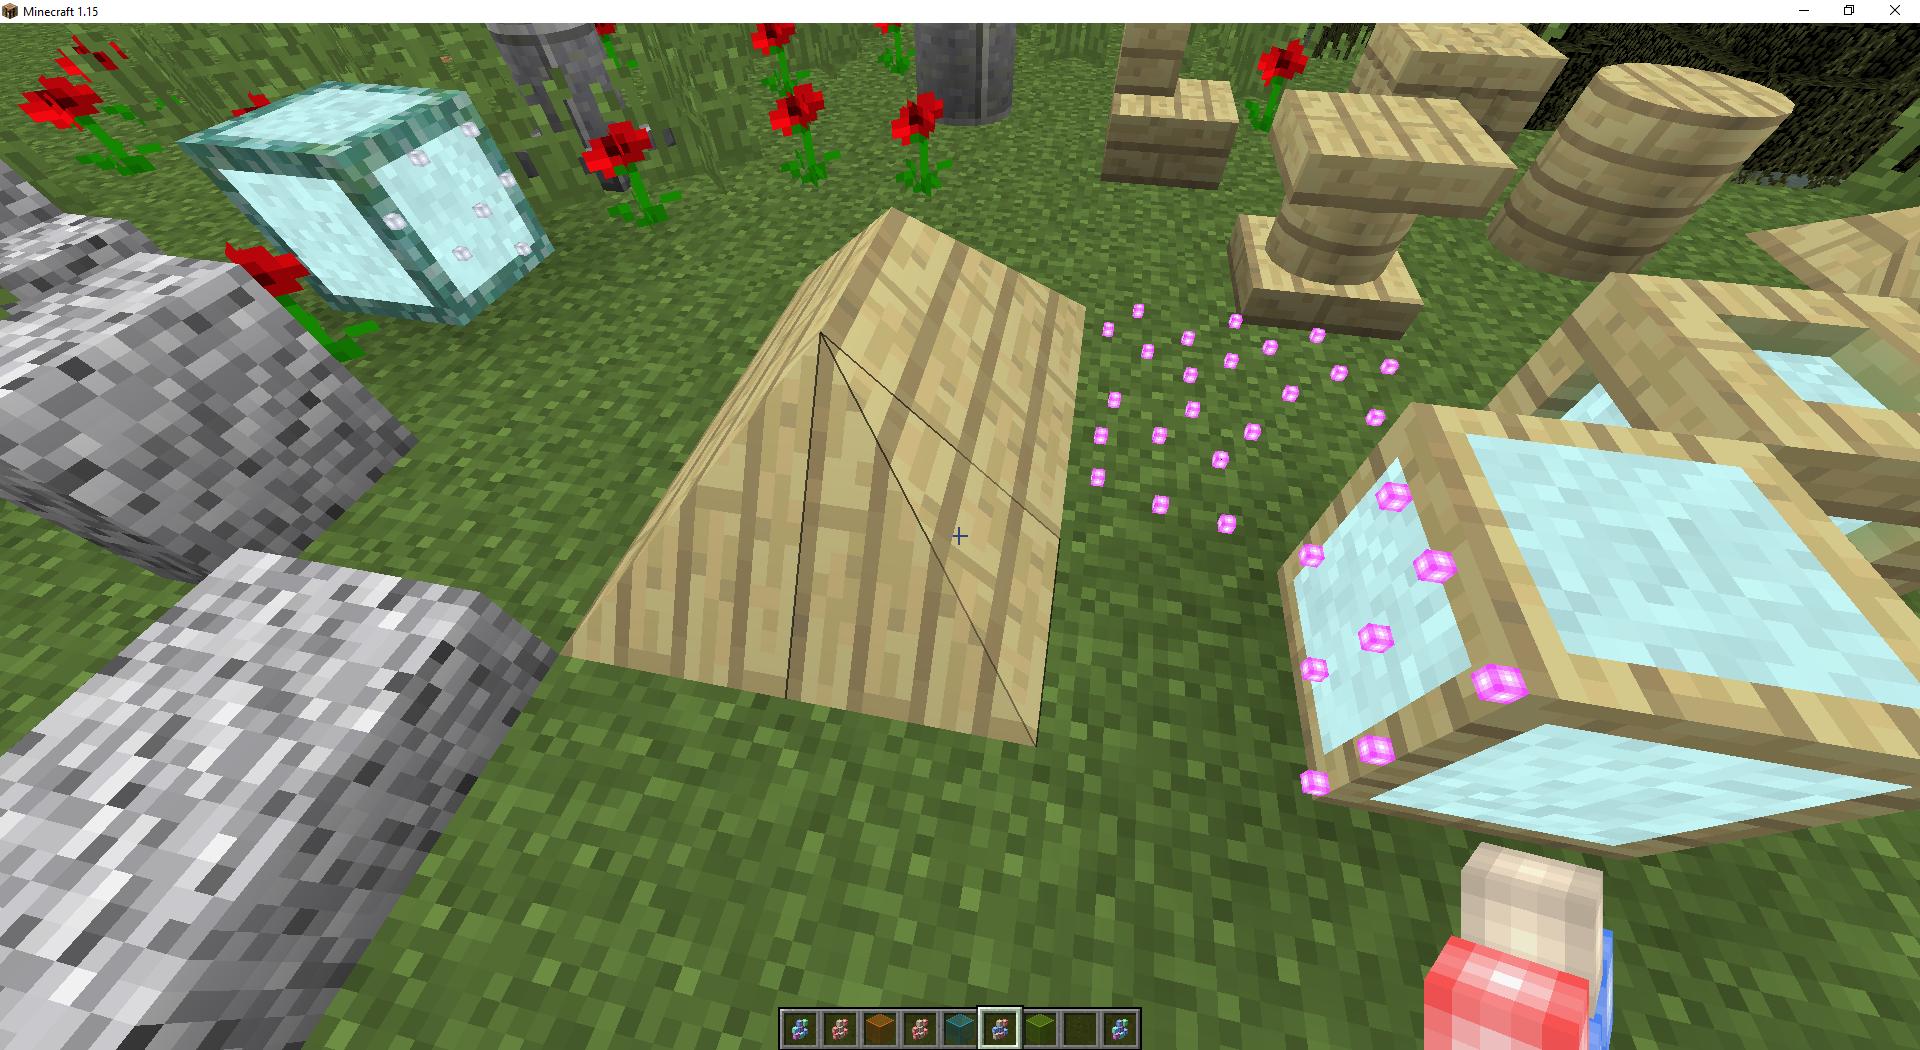 Мод Exotic Blocks— более 1000 строительных блоков - скриншот 4